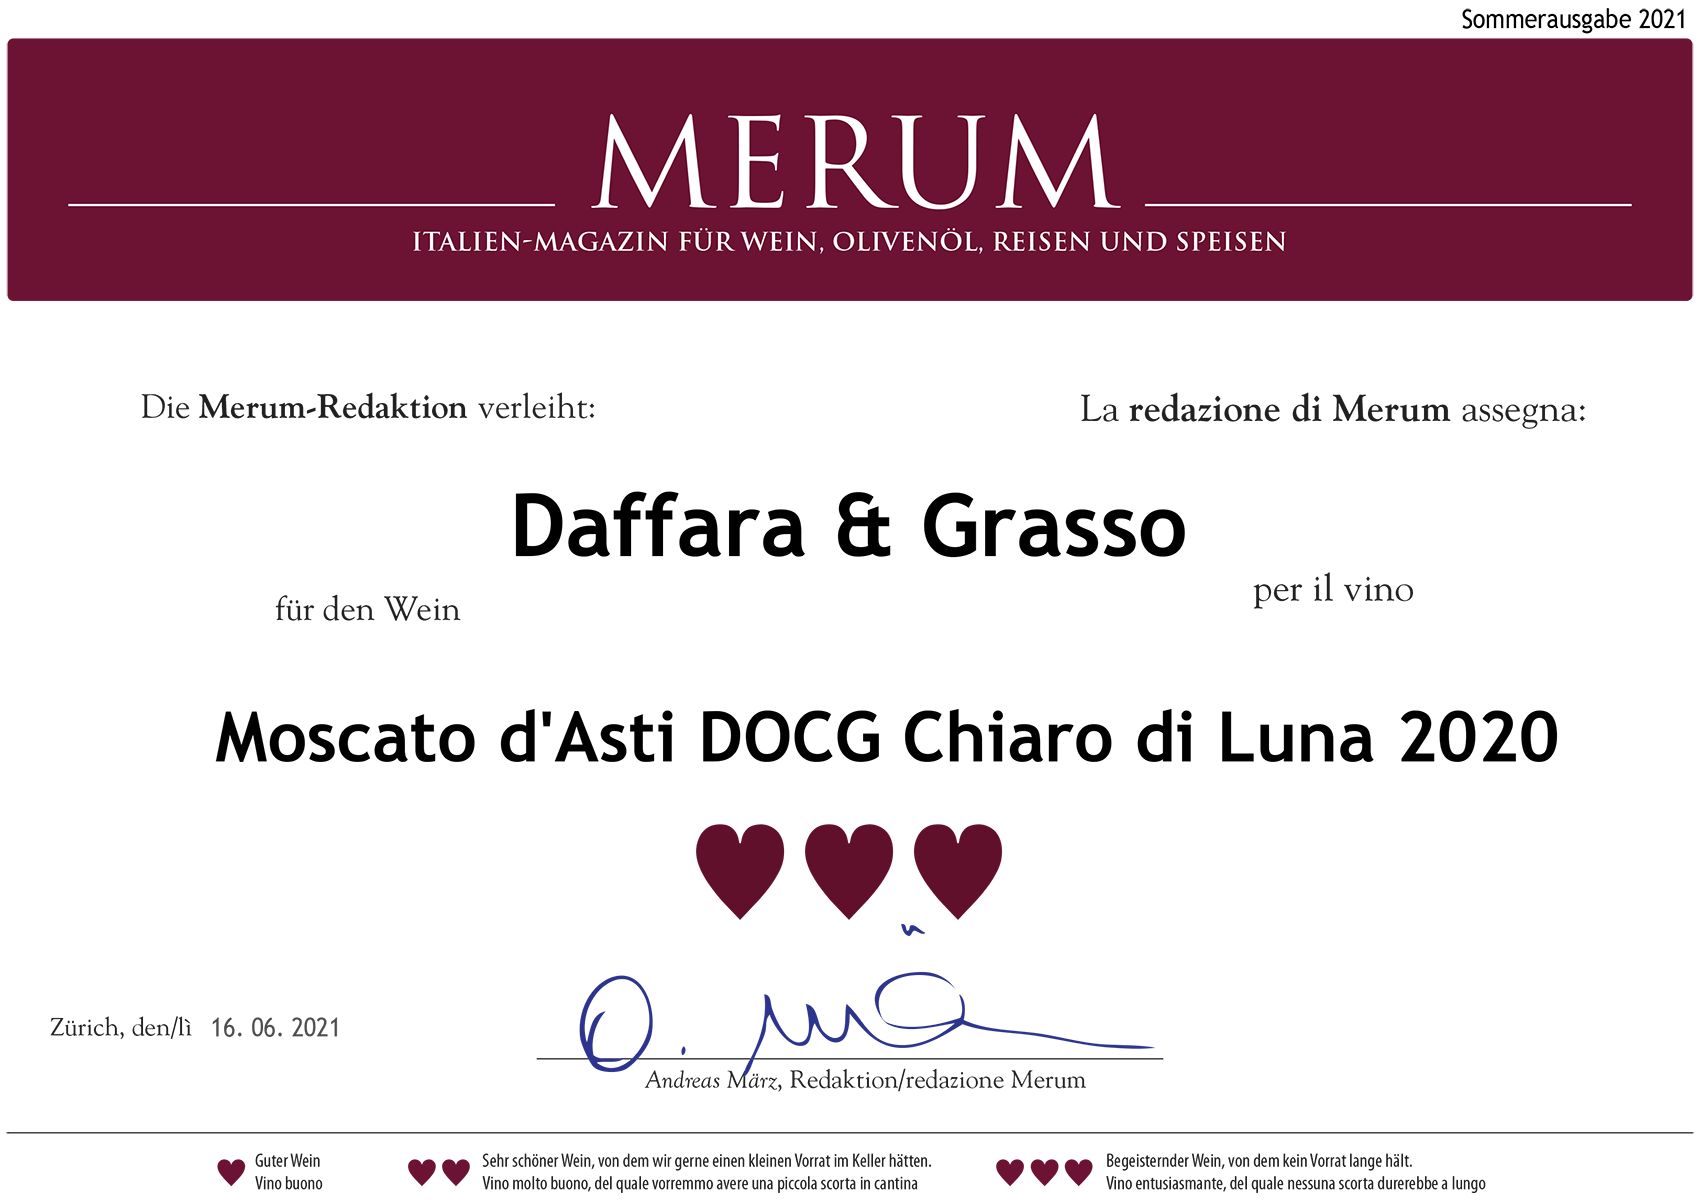 Moscato d'Asti DOCG Chiaro di Luna 2020.